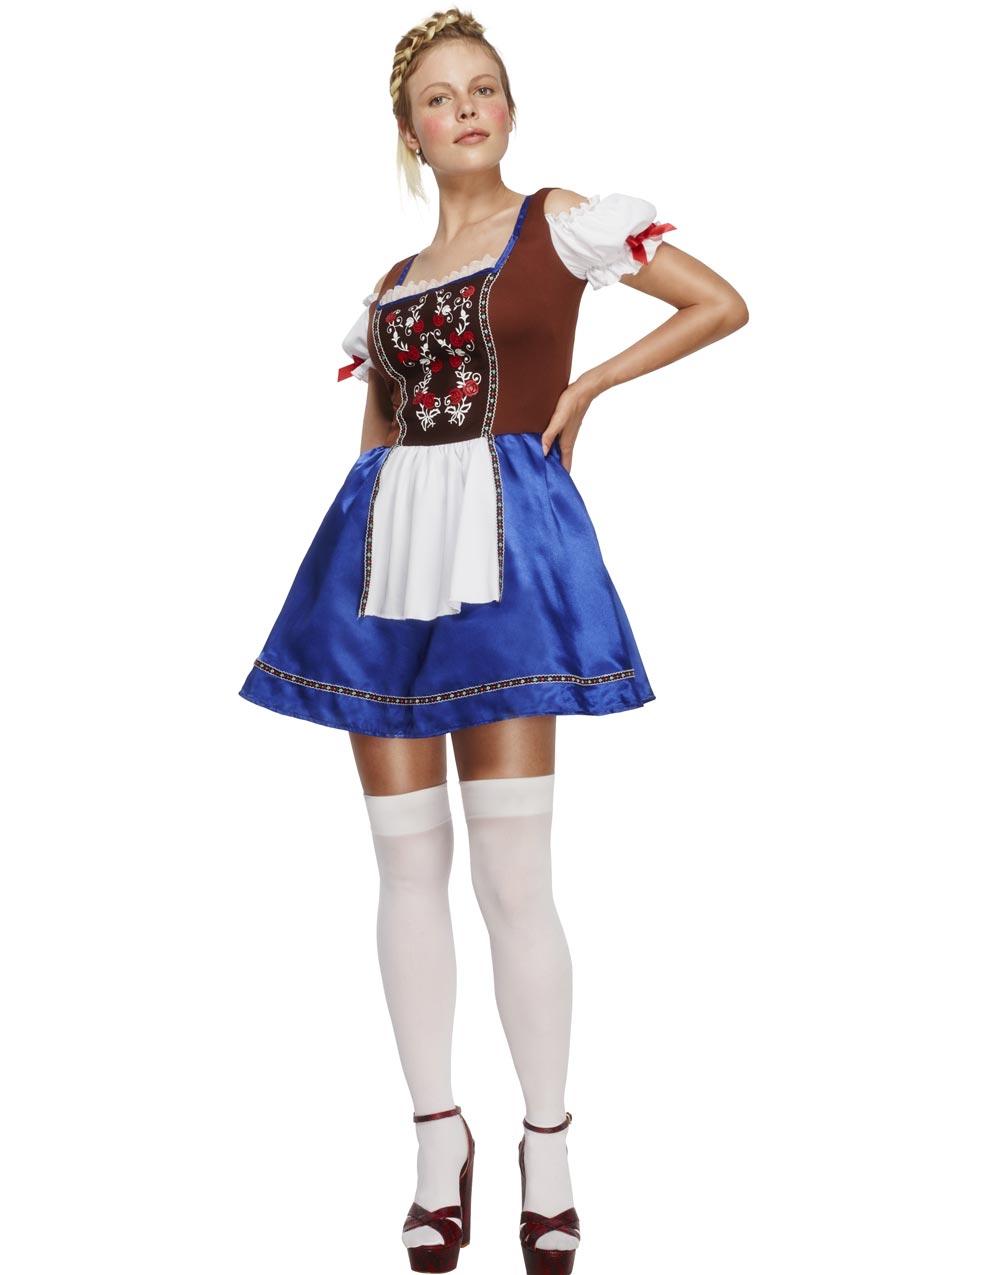 Oktoberfest Klänning med Förkläde och Broderi - Kostym 9cb8cb414d7b0